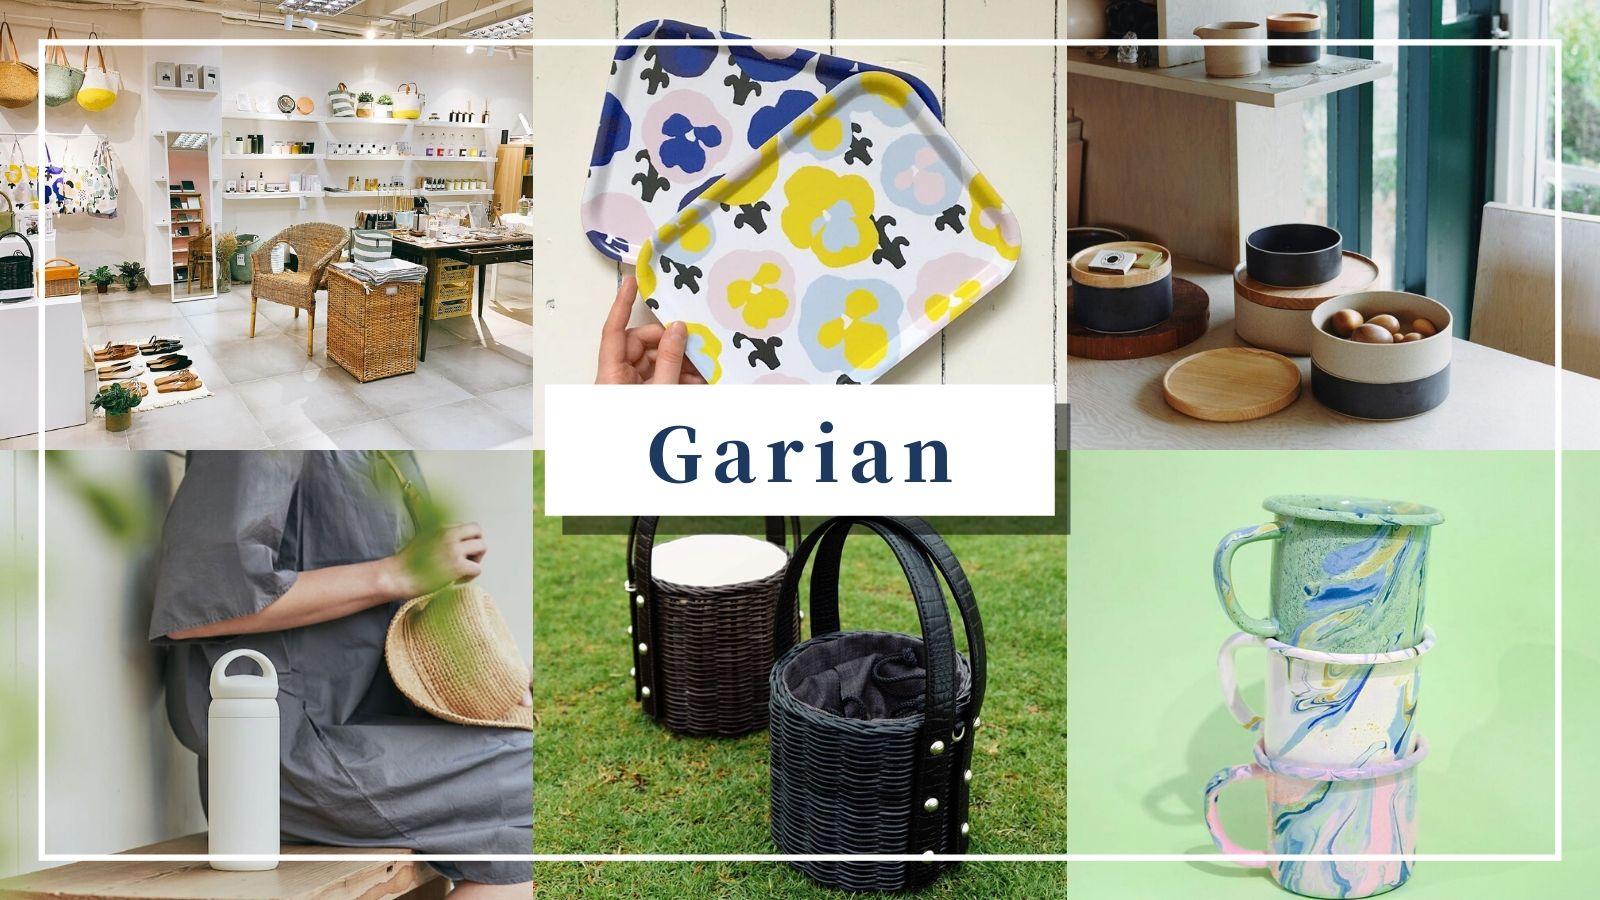 Garian